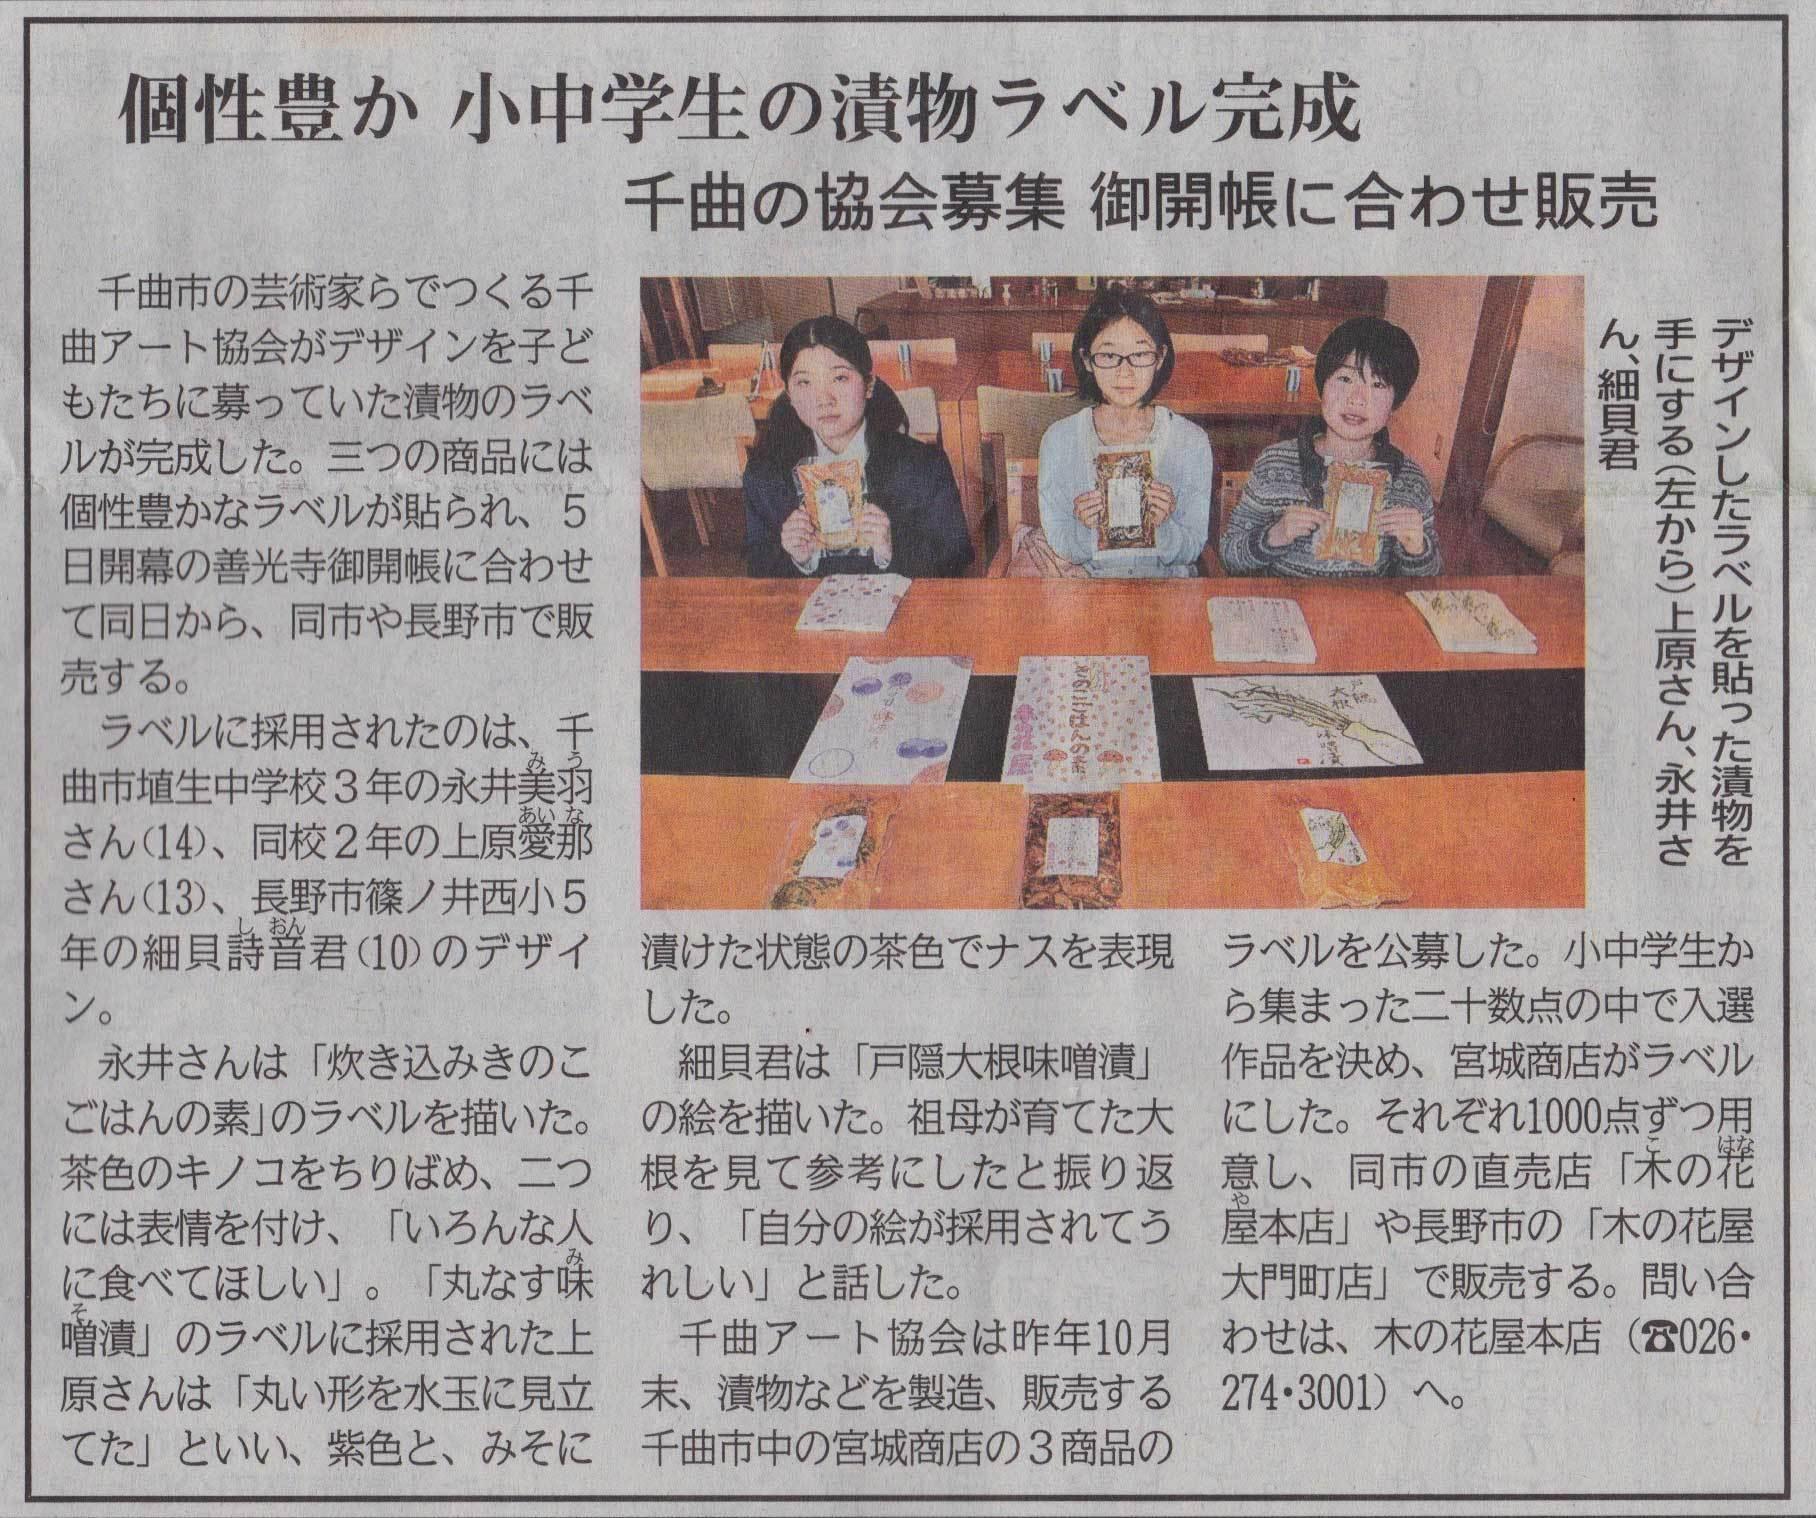 新聞に載りました。_e0226943_23235415.jpg